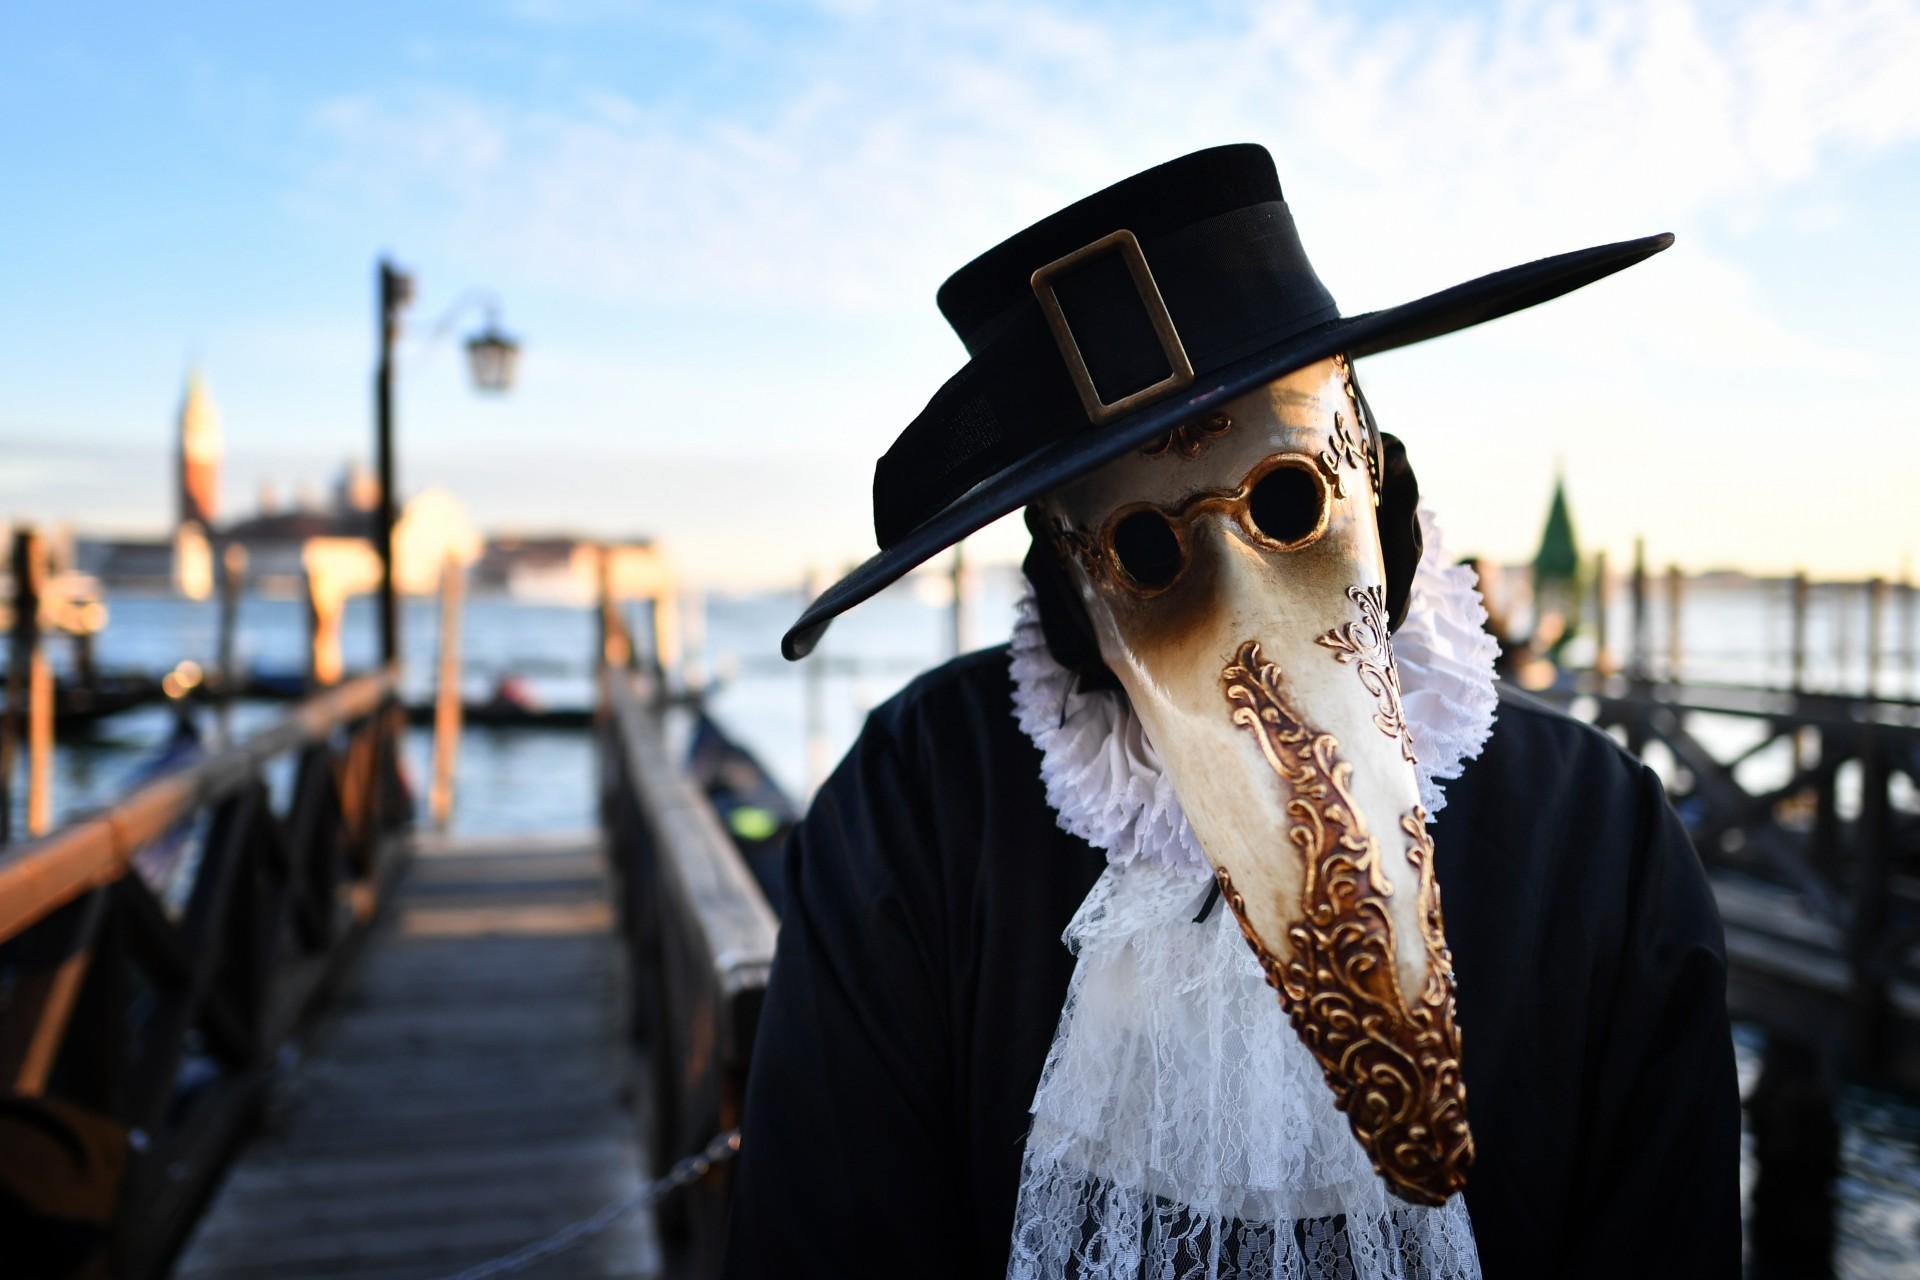 Un juerguista que lleva una máscara y un traje de época huele una rosa cuando participa en el Carnaval de Venecia el 24 de febrero de 2019 en Venecia.